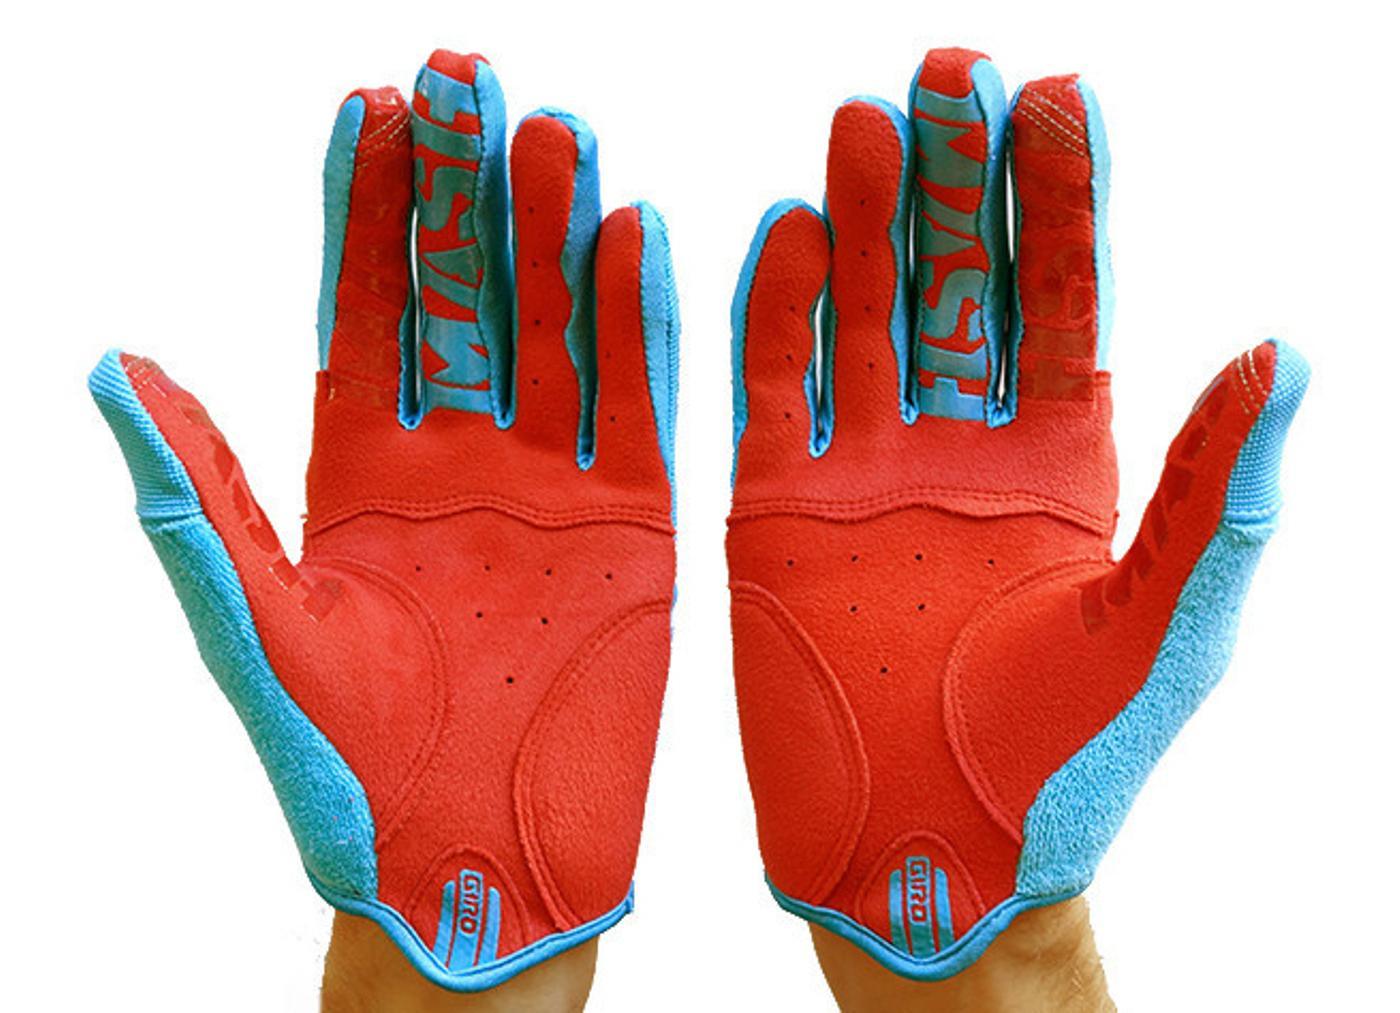 Mash SF: New Giro Gloves in Stock